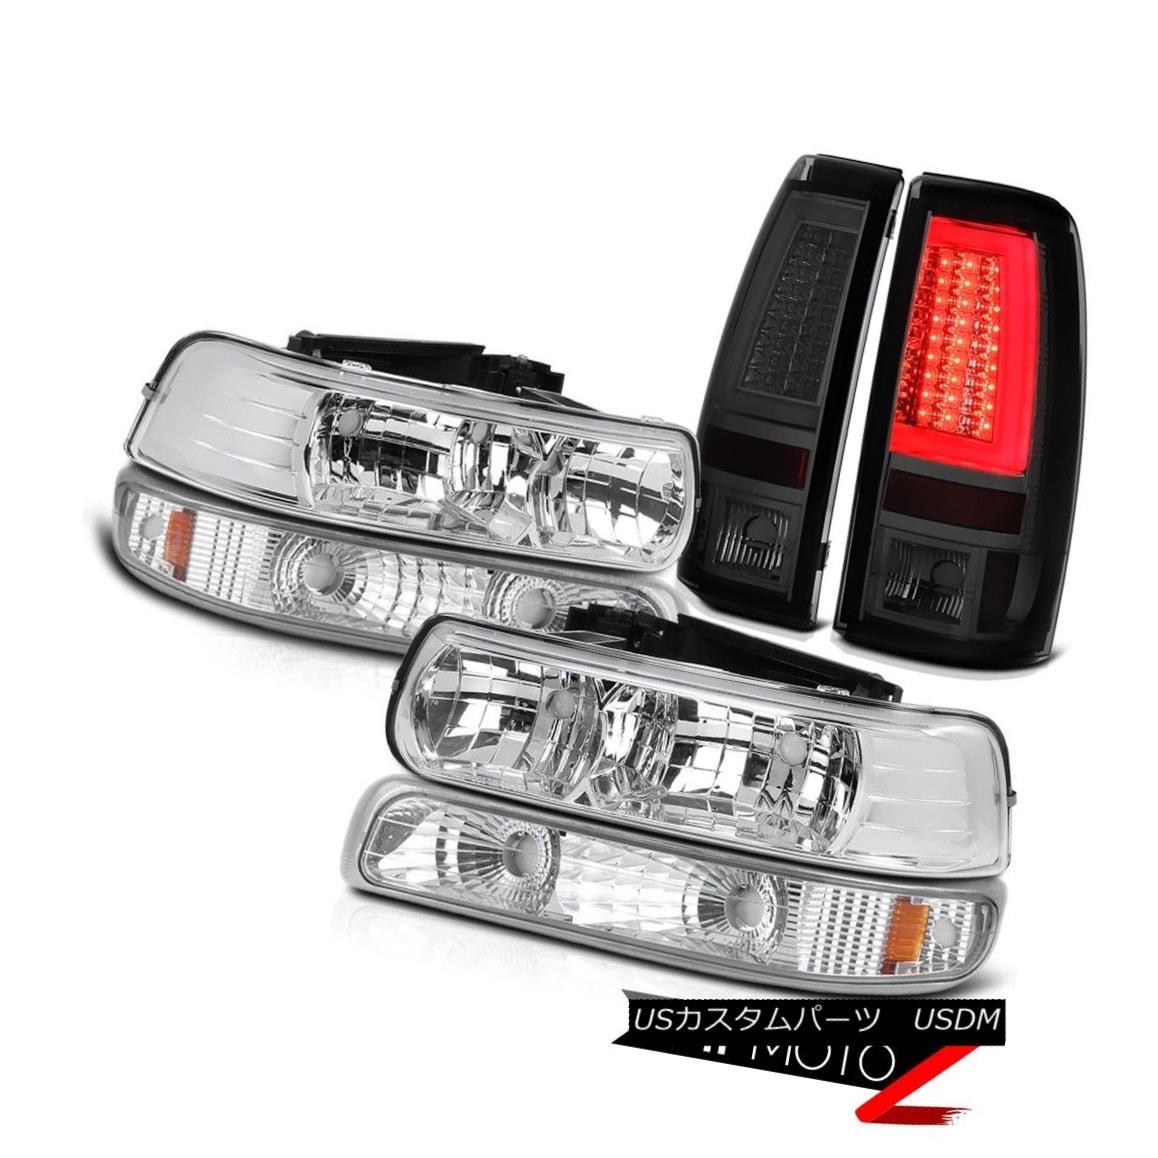 テールライト 99 00 01 02 Silverado 5.3L Tail Lights Sterling Chrome Signal Light Headlights 99 00 01 02 Silverado 5.3Lテールライトスターリングクロムシグナルライトヘッドライト